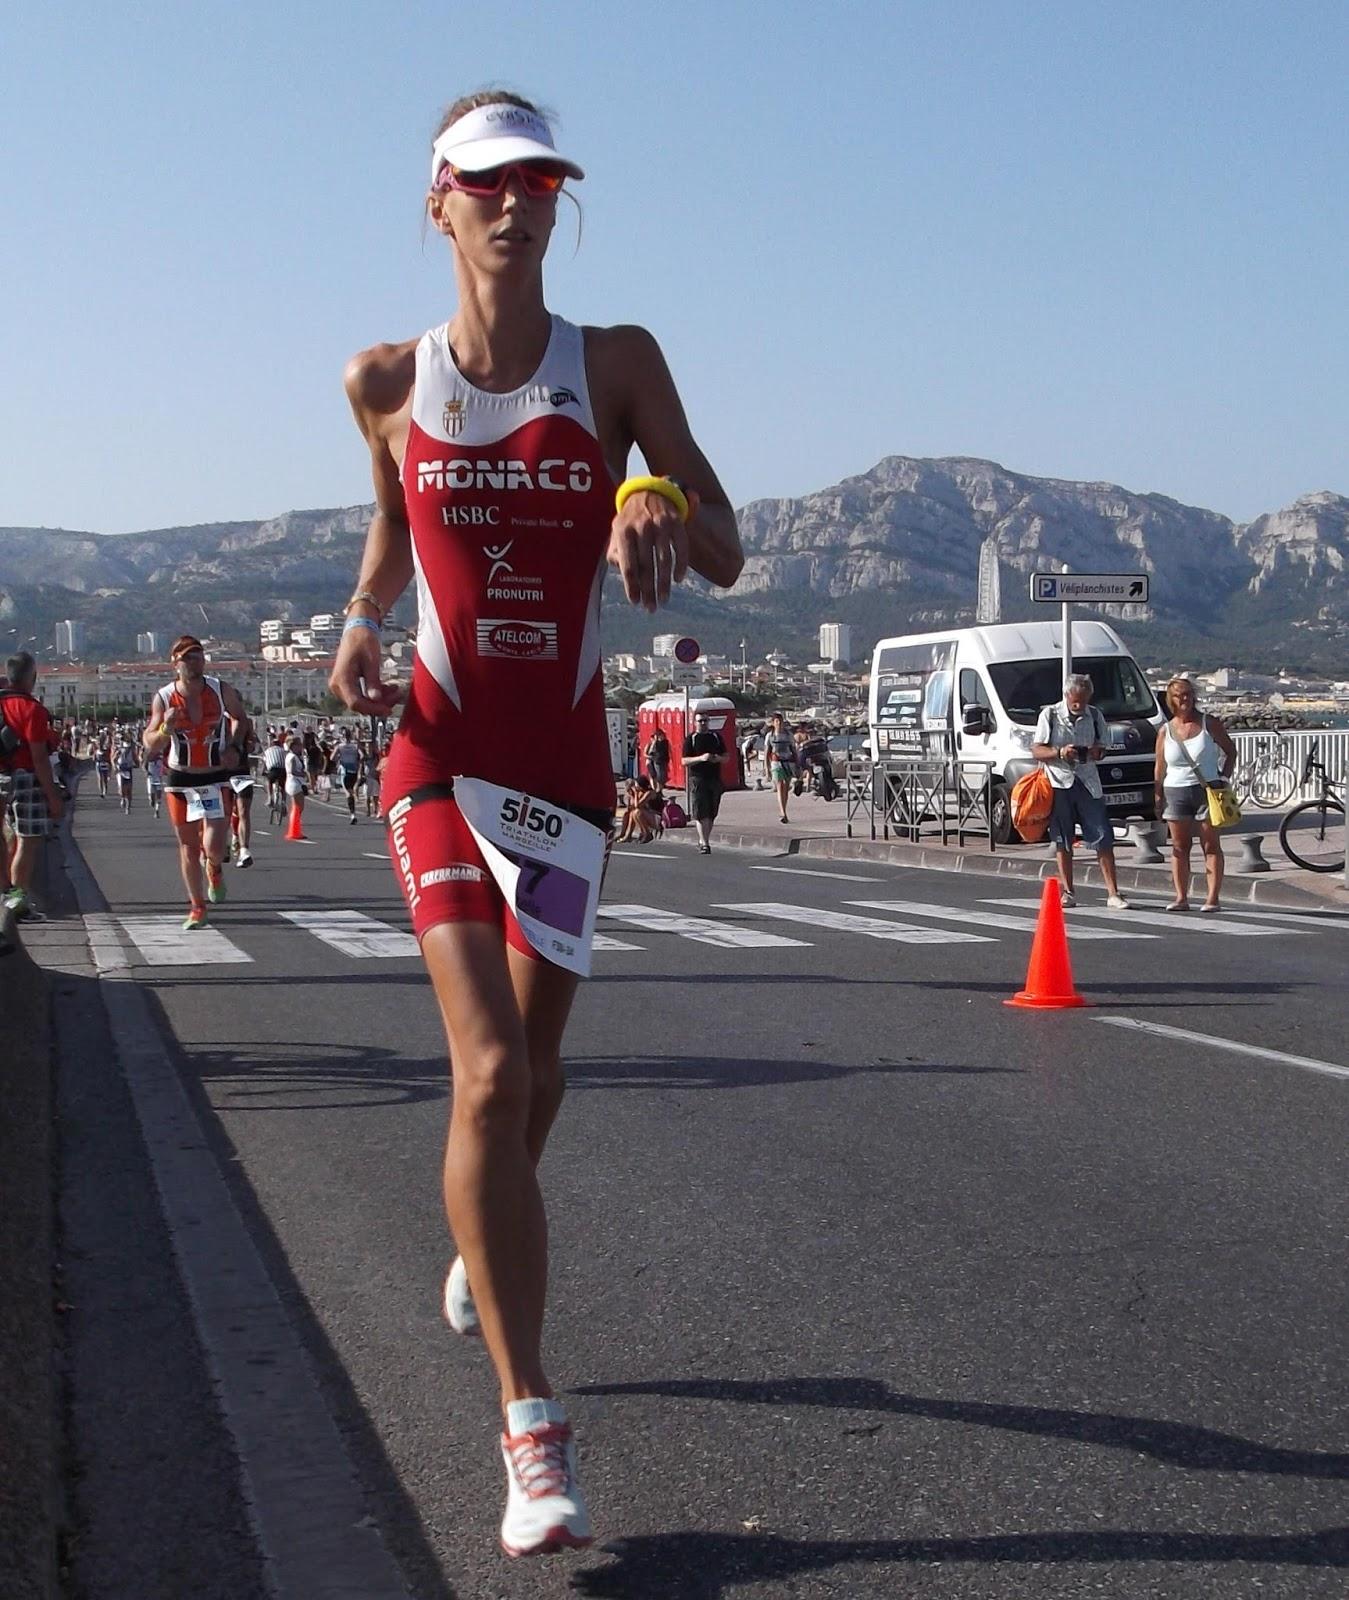 triathlon monaco